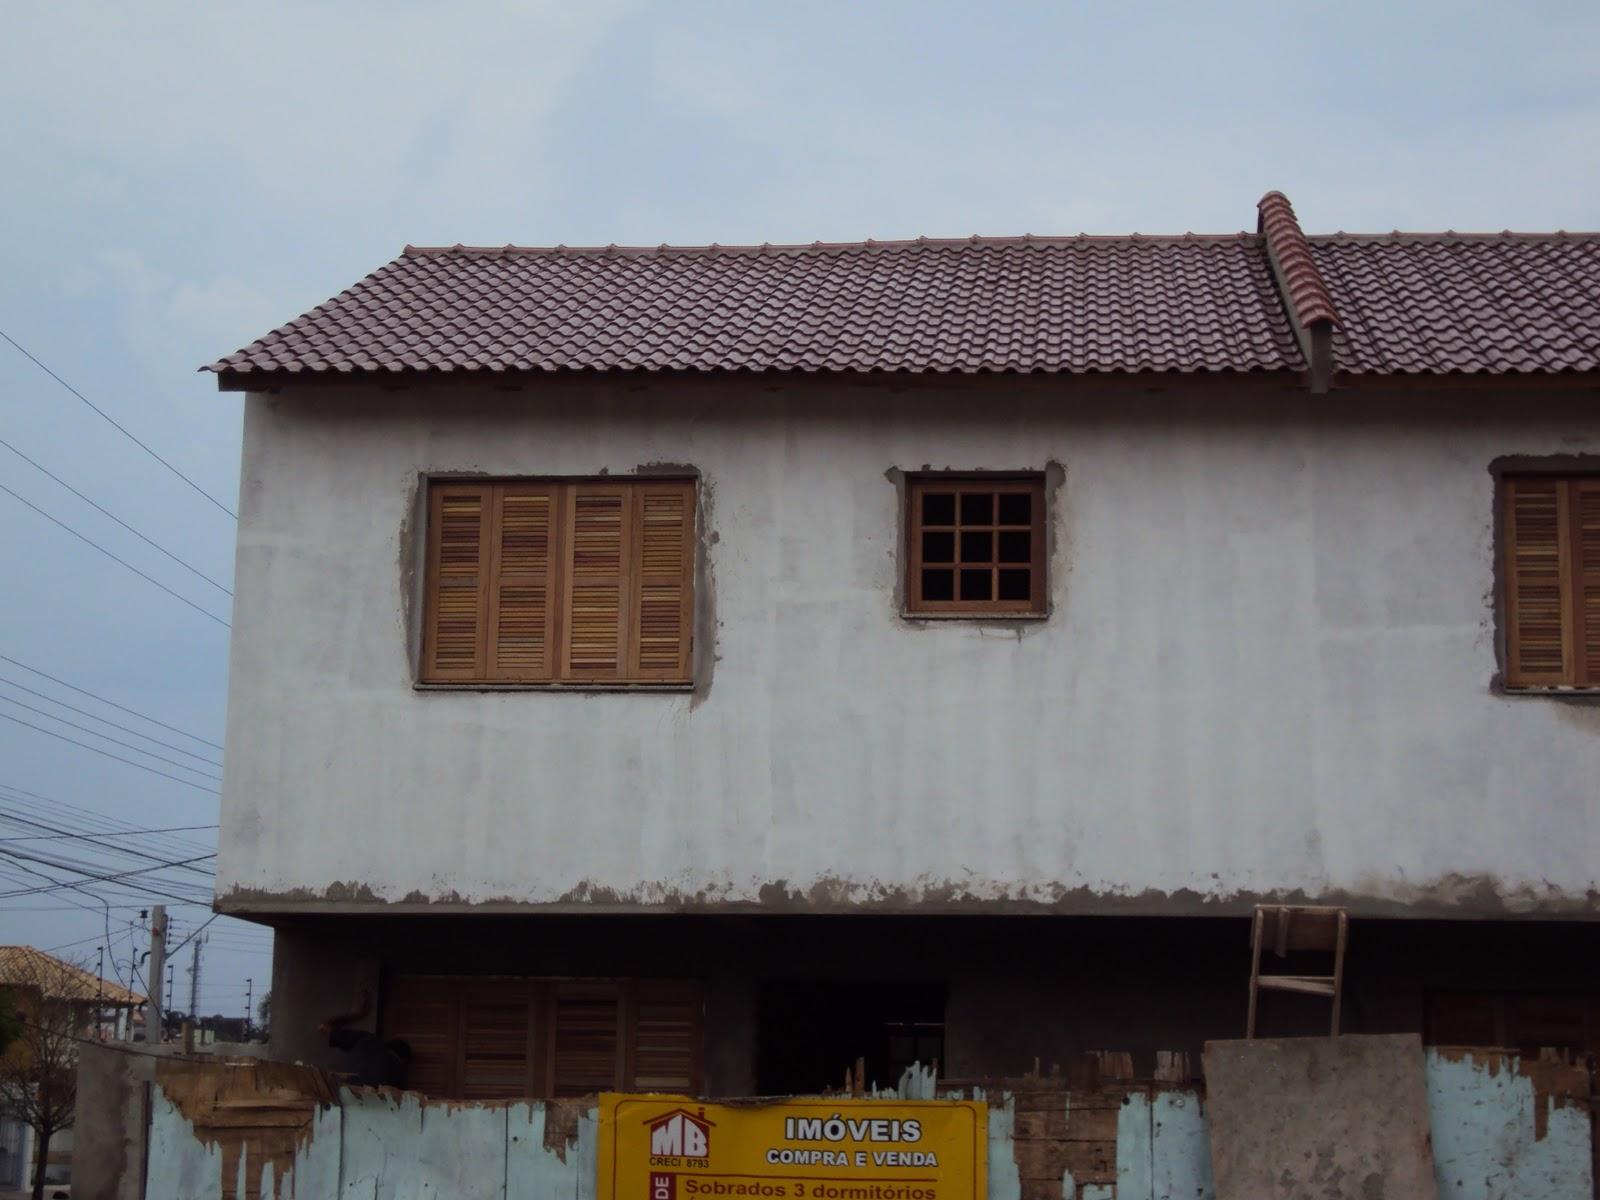 #70582E  Porto Alegre RS: As Janelas e Portas das Casas 1 e 2 foram colocadas 546 Janelas Em Aluminio Em Porto Alegre Rs